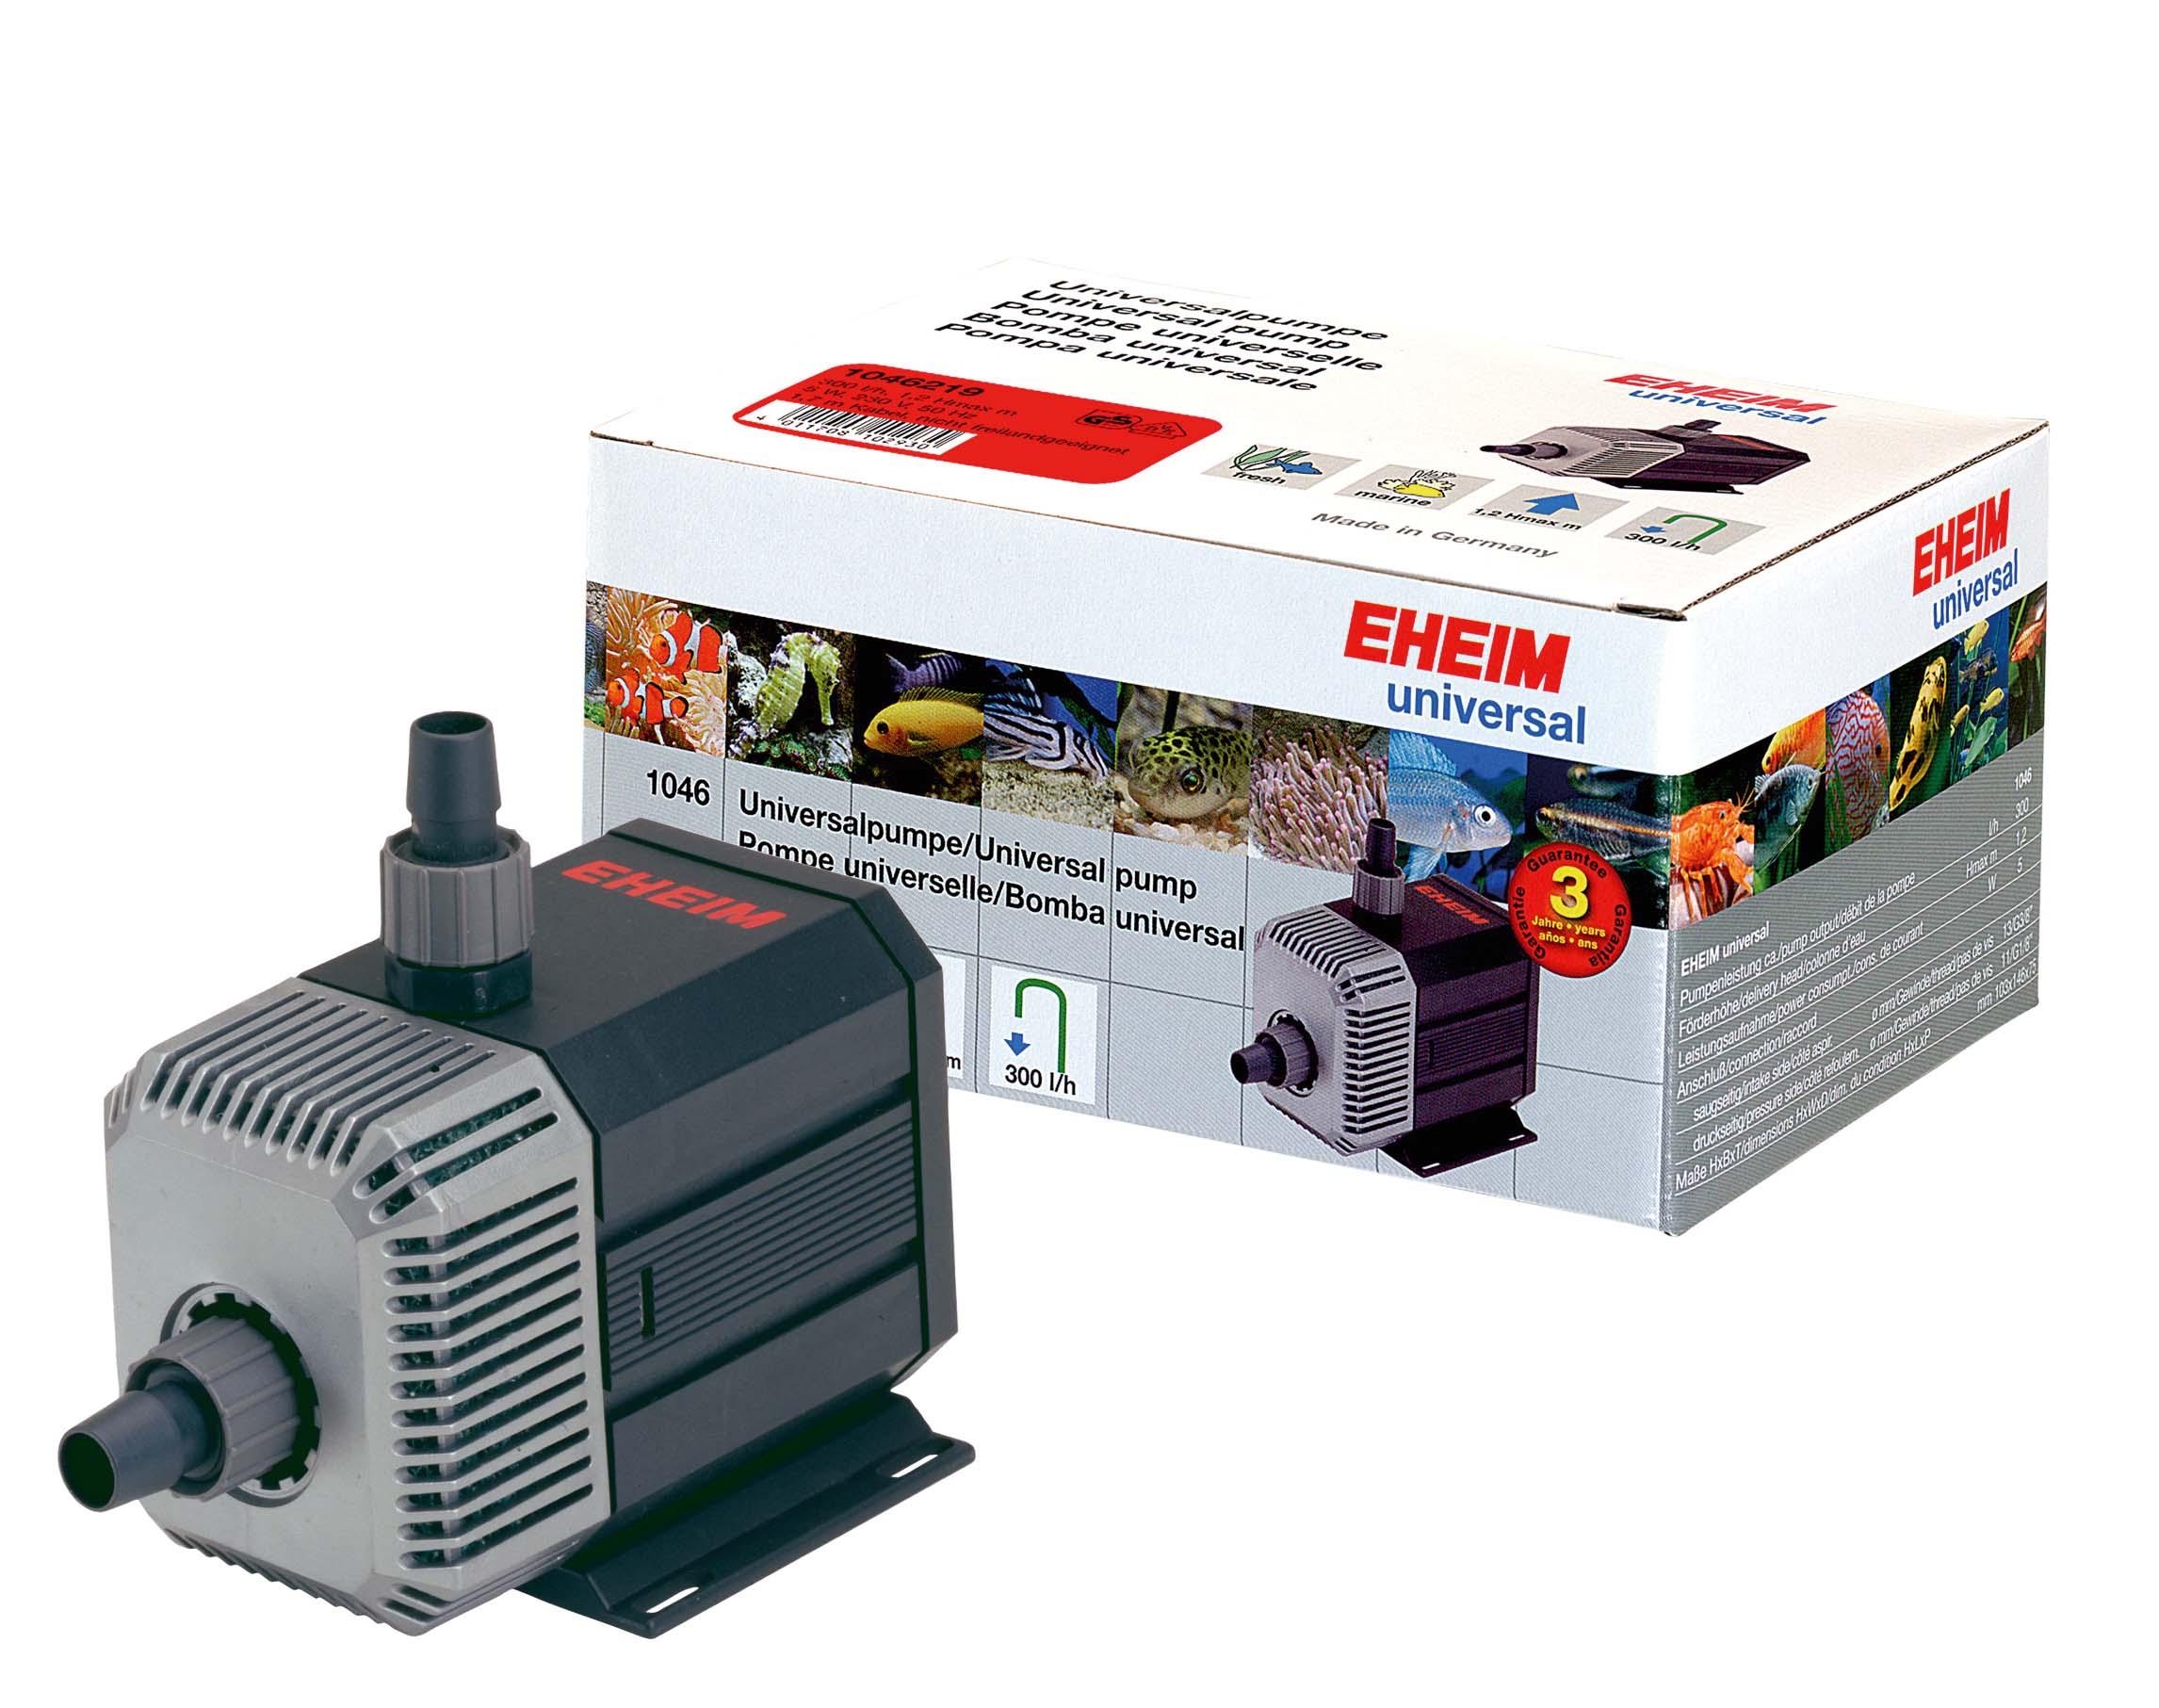 EHEIM Universal-Pumpe